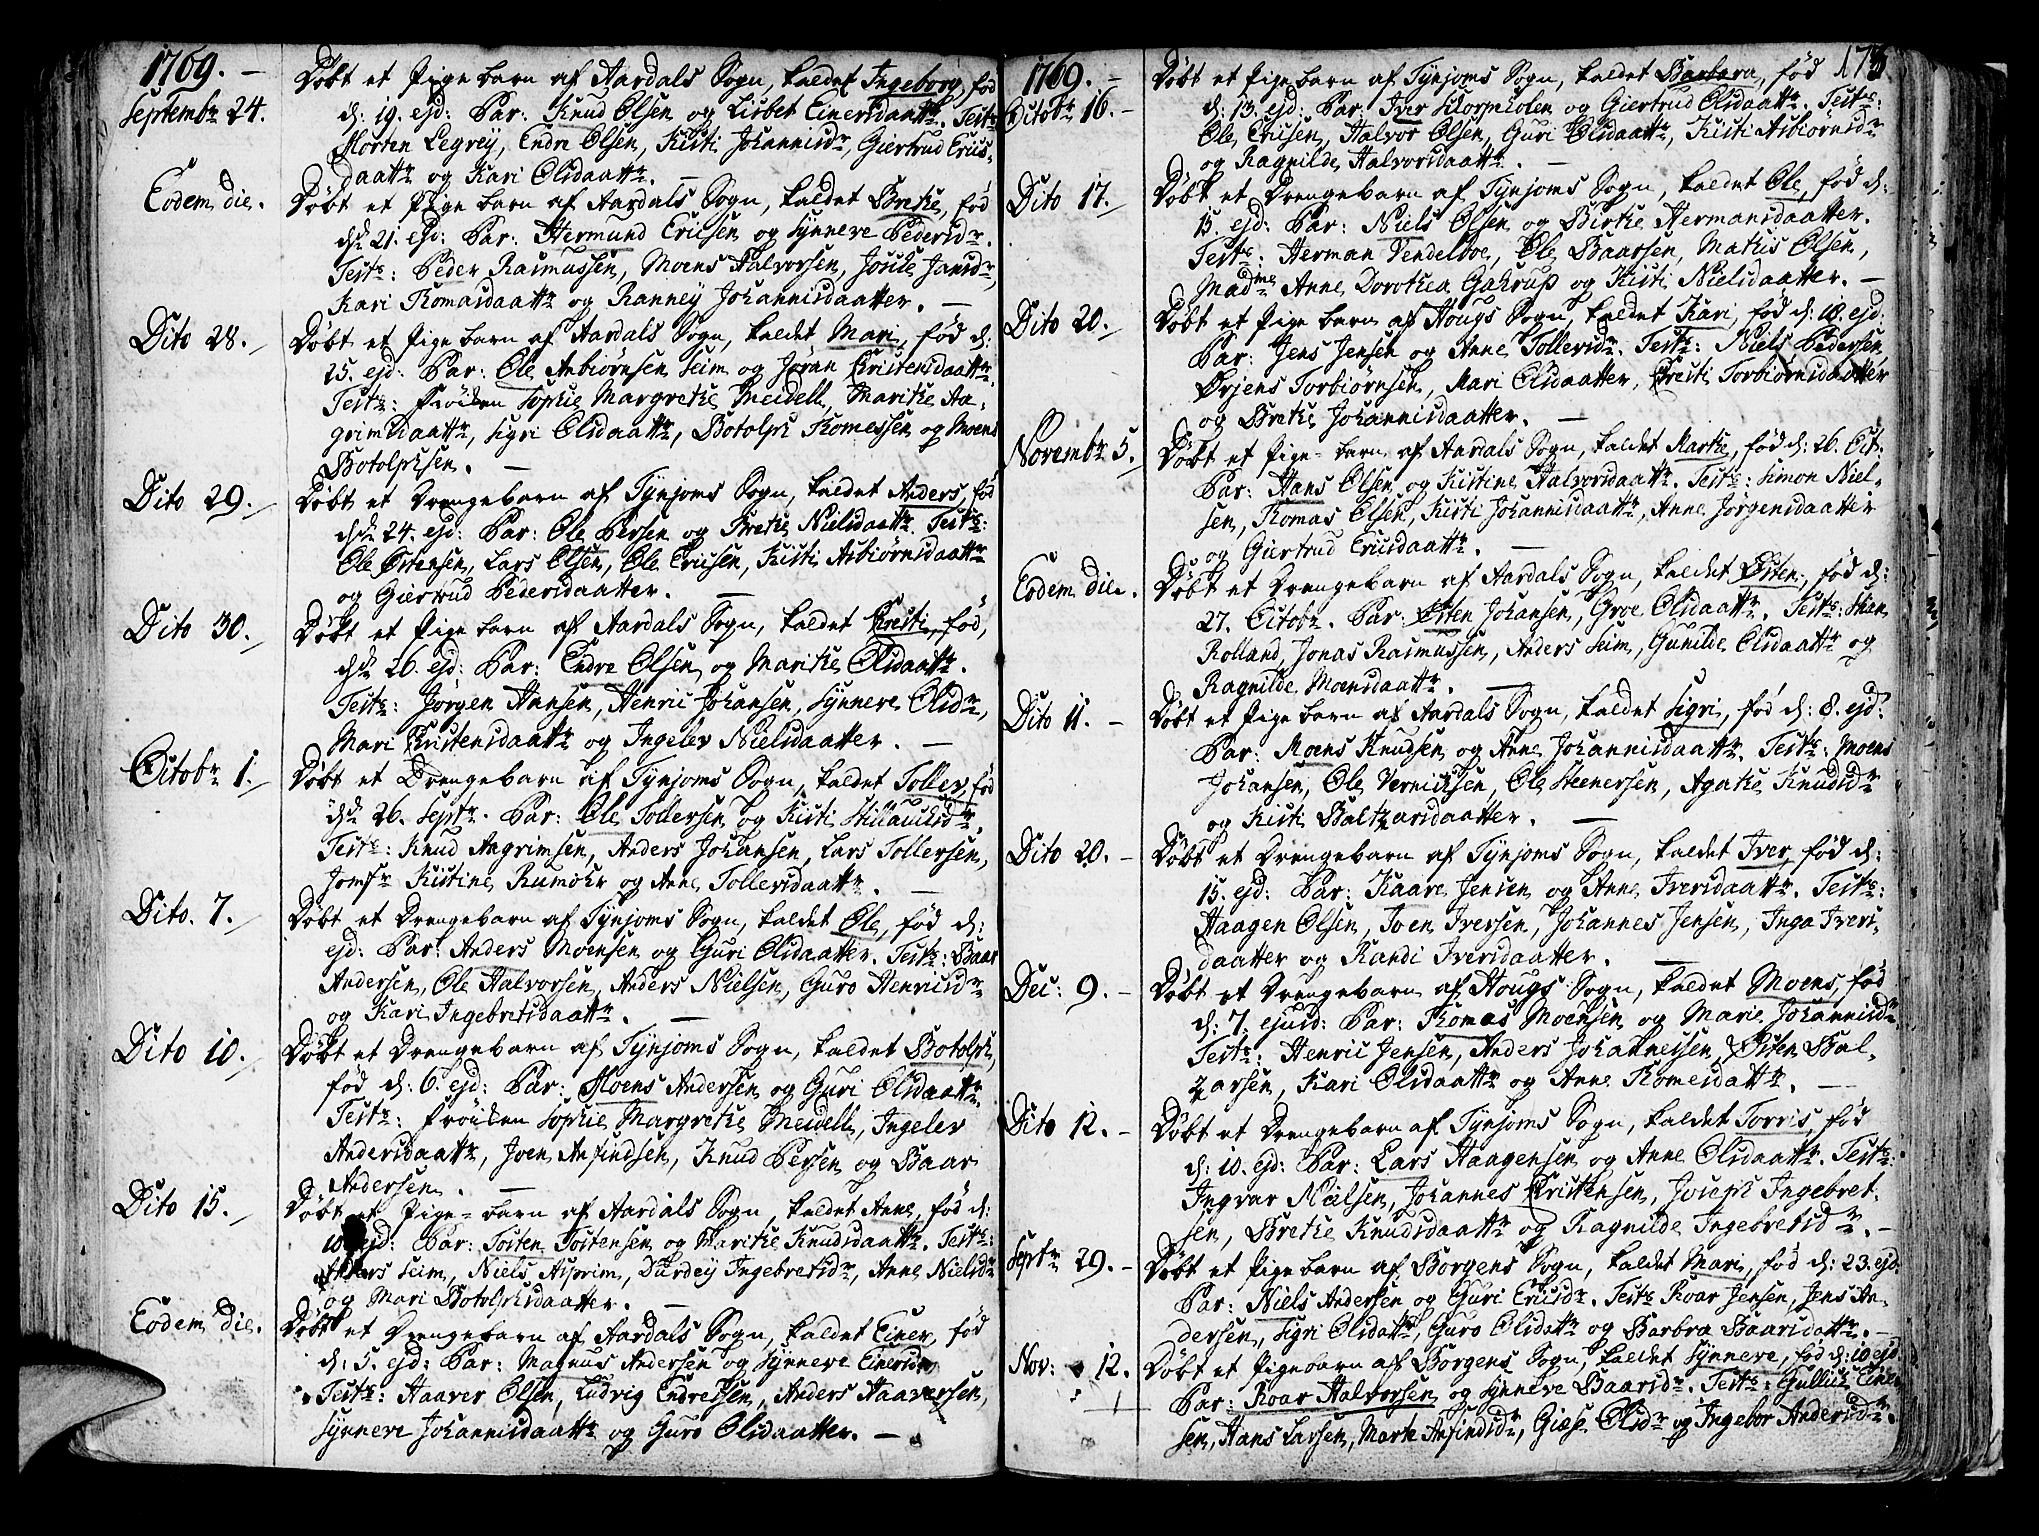 SAB, Lærdal sokneprestembete, Ministerialbok nr. A 2, 1752-1782, s. 173